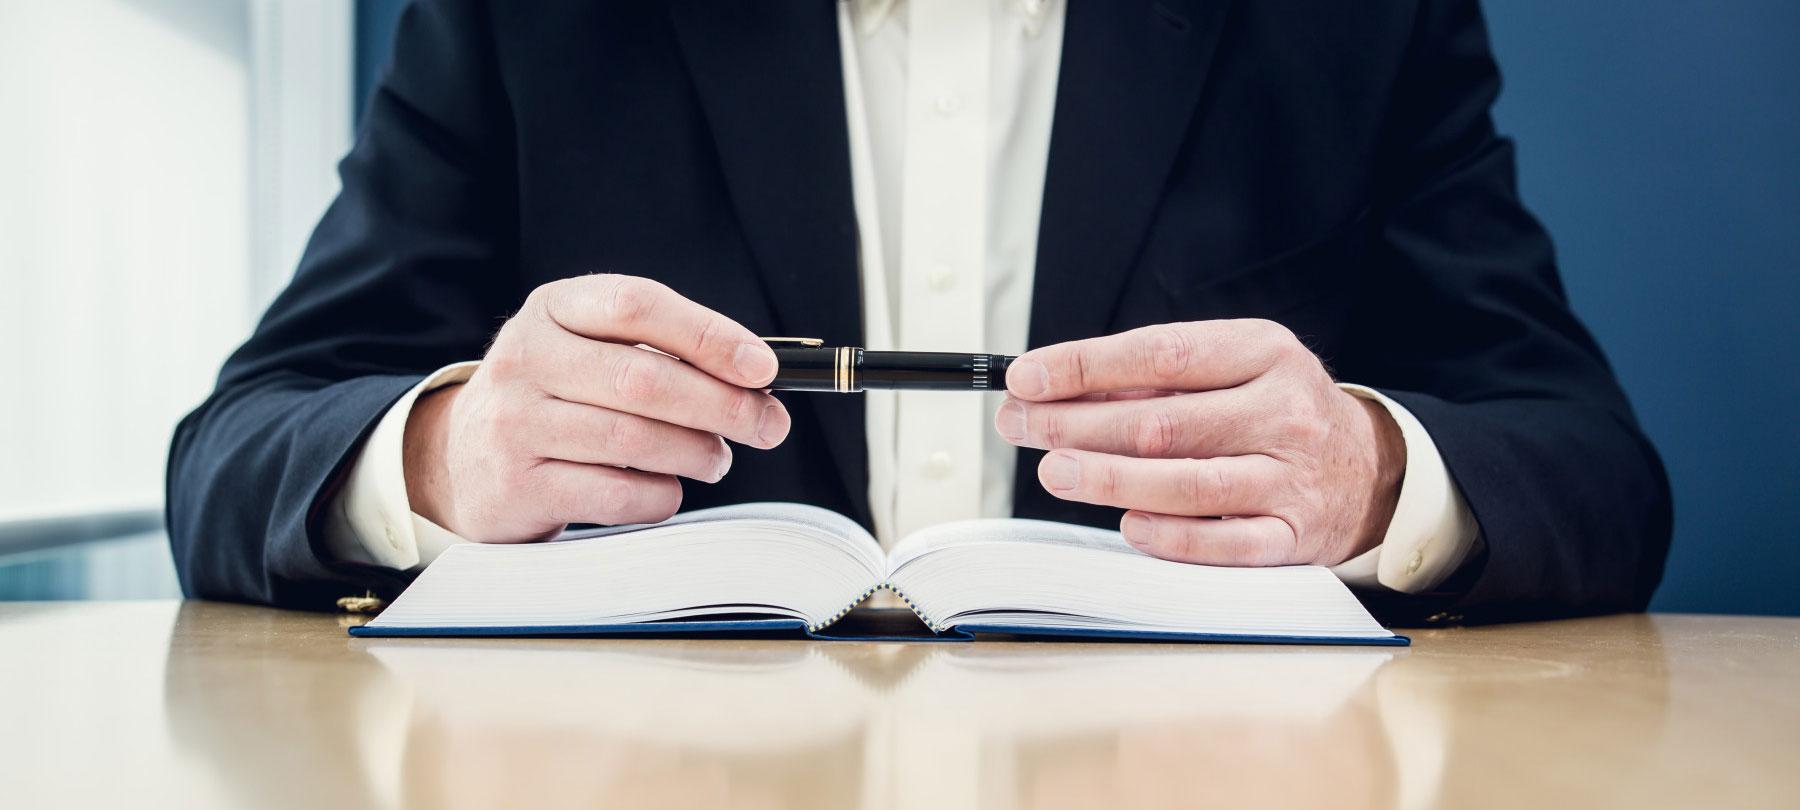 юрист консультация бесплатно